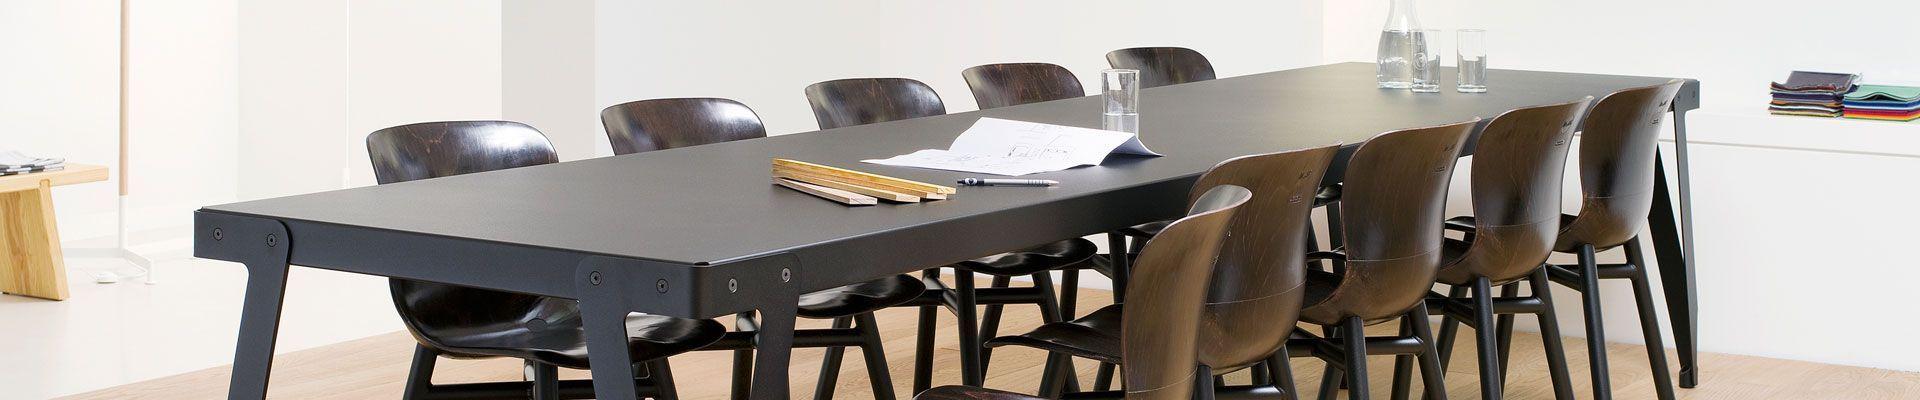 Functionals stoelen